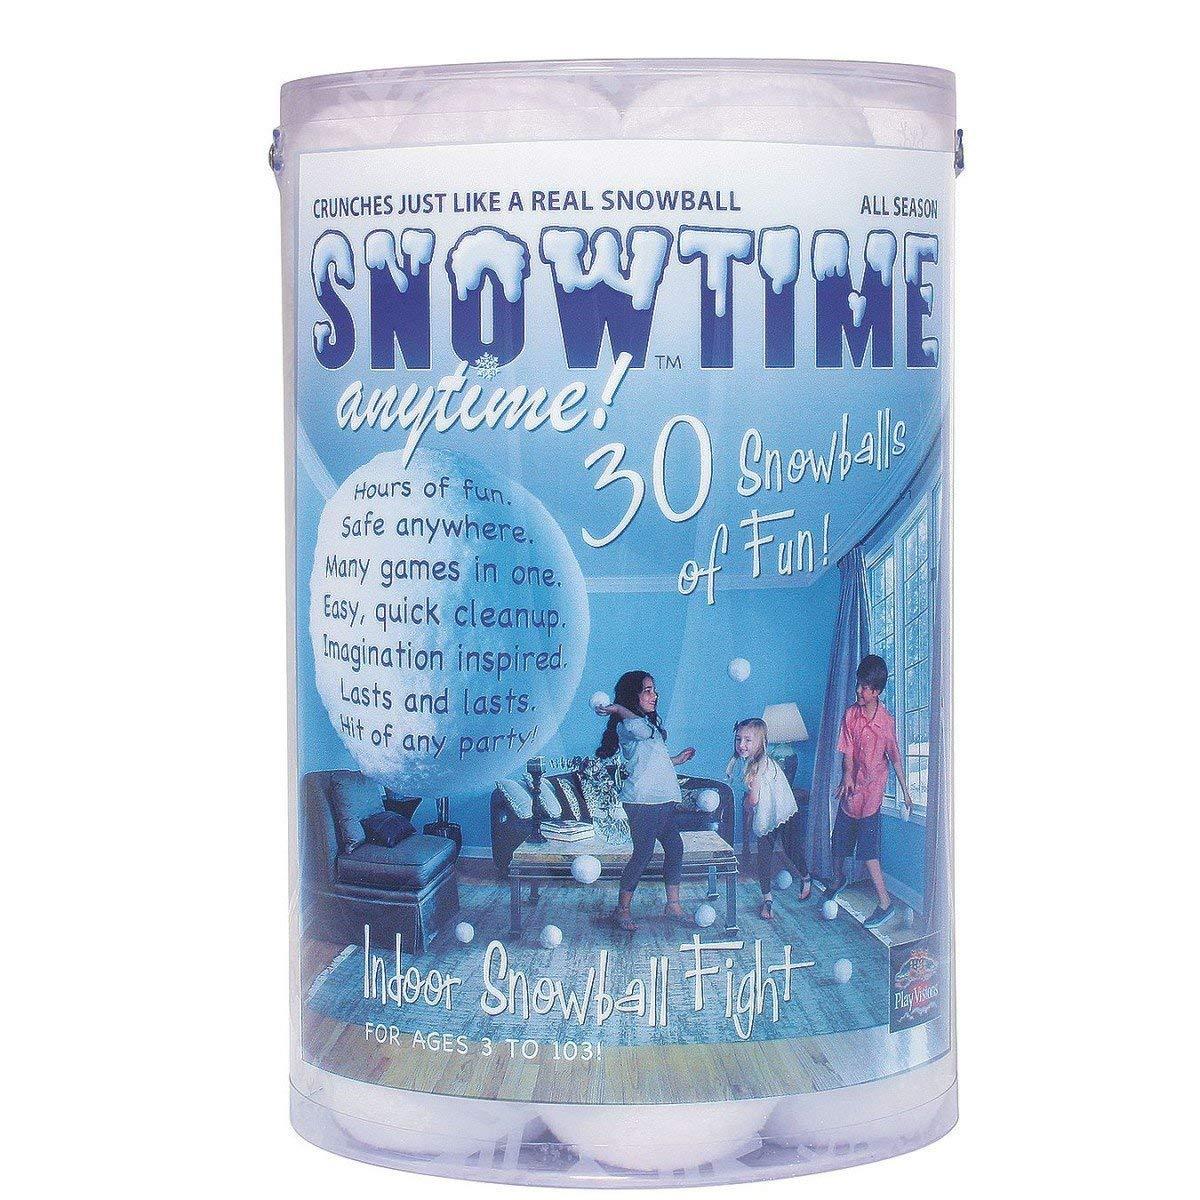 超人気 Indoor Snowball Fight - Snowtime B00HZS6XRO Fight Anytime - Safe, No No Mess, No Slush B00HZS6XRO, 【最安値挑戦】:f2265d2f --- fenixevent.ee